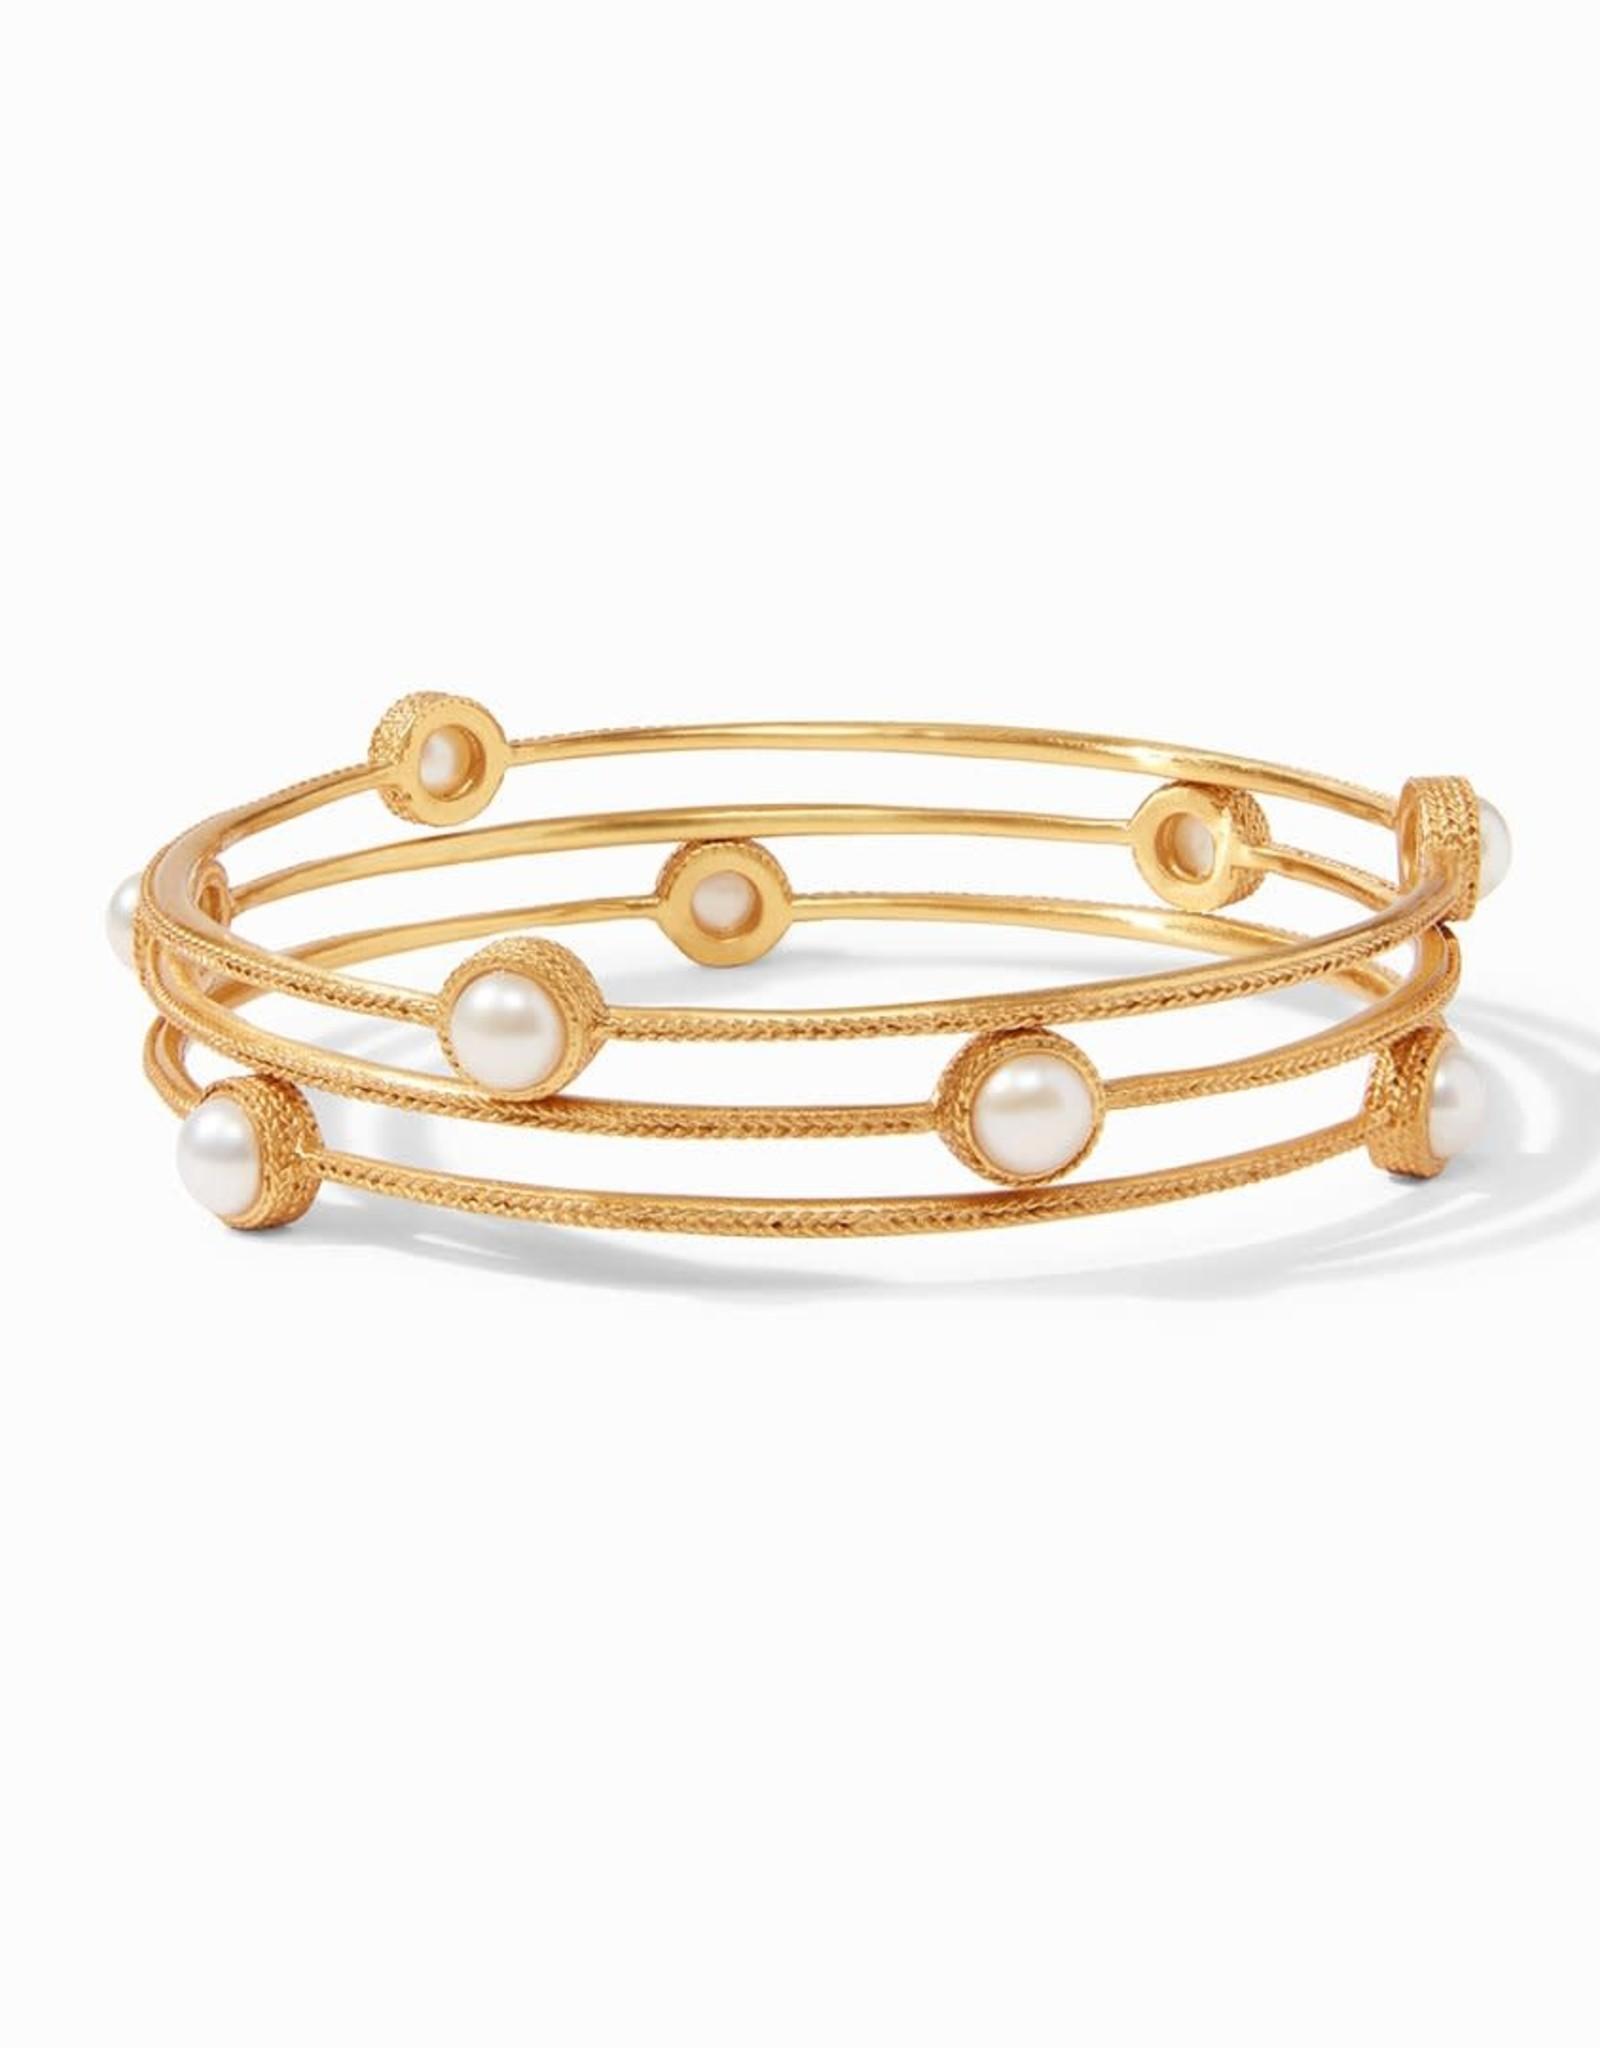 Julie Vos Julie Vos Calypso Pearl/Gold Bangle Medium